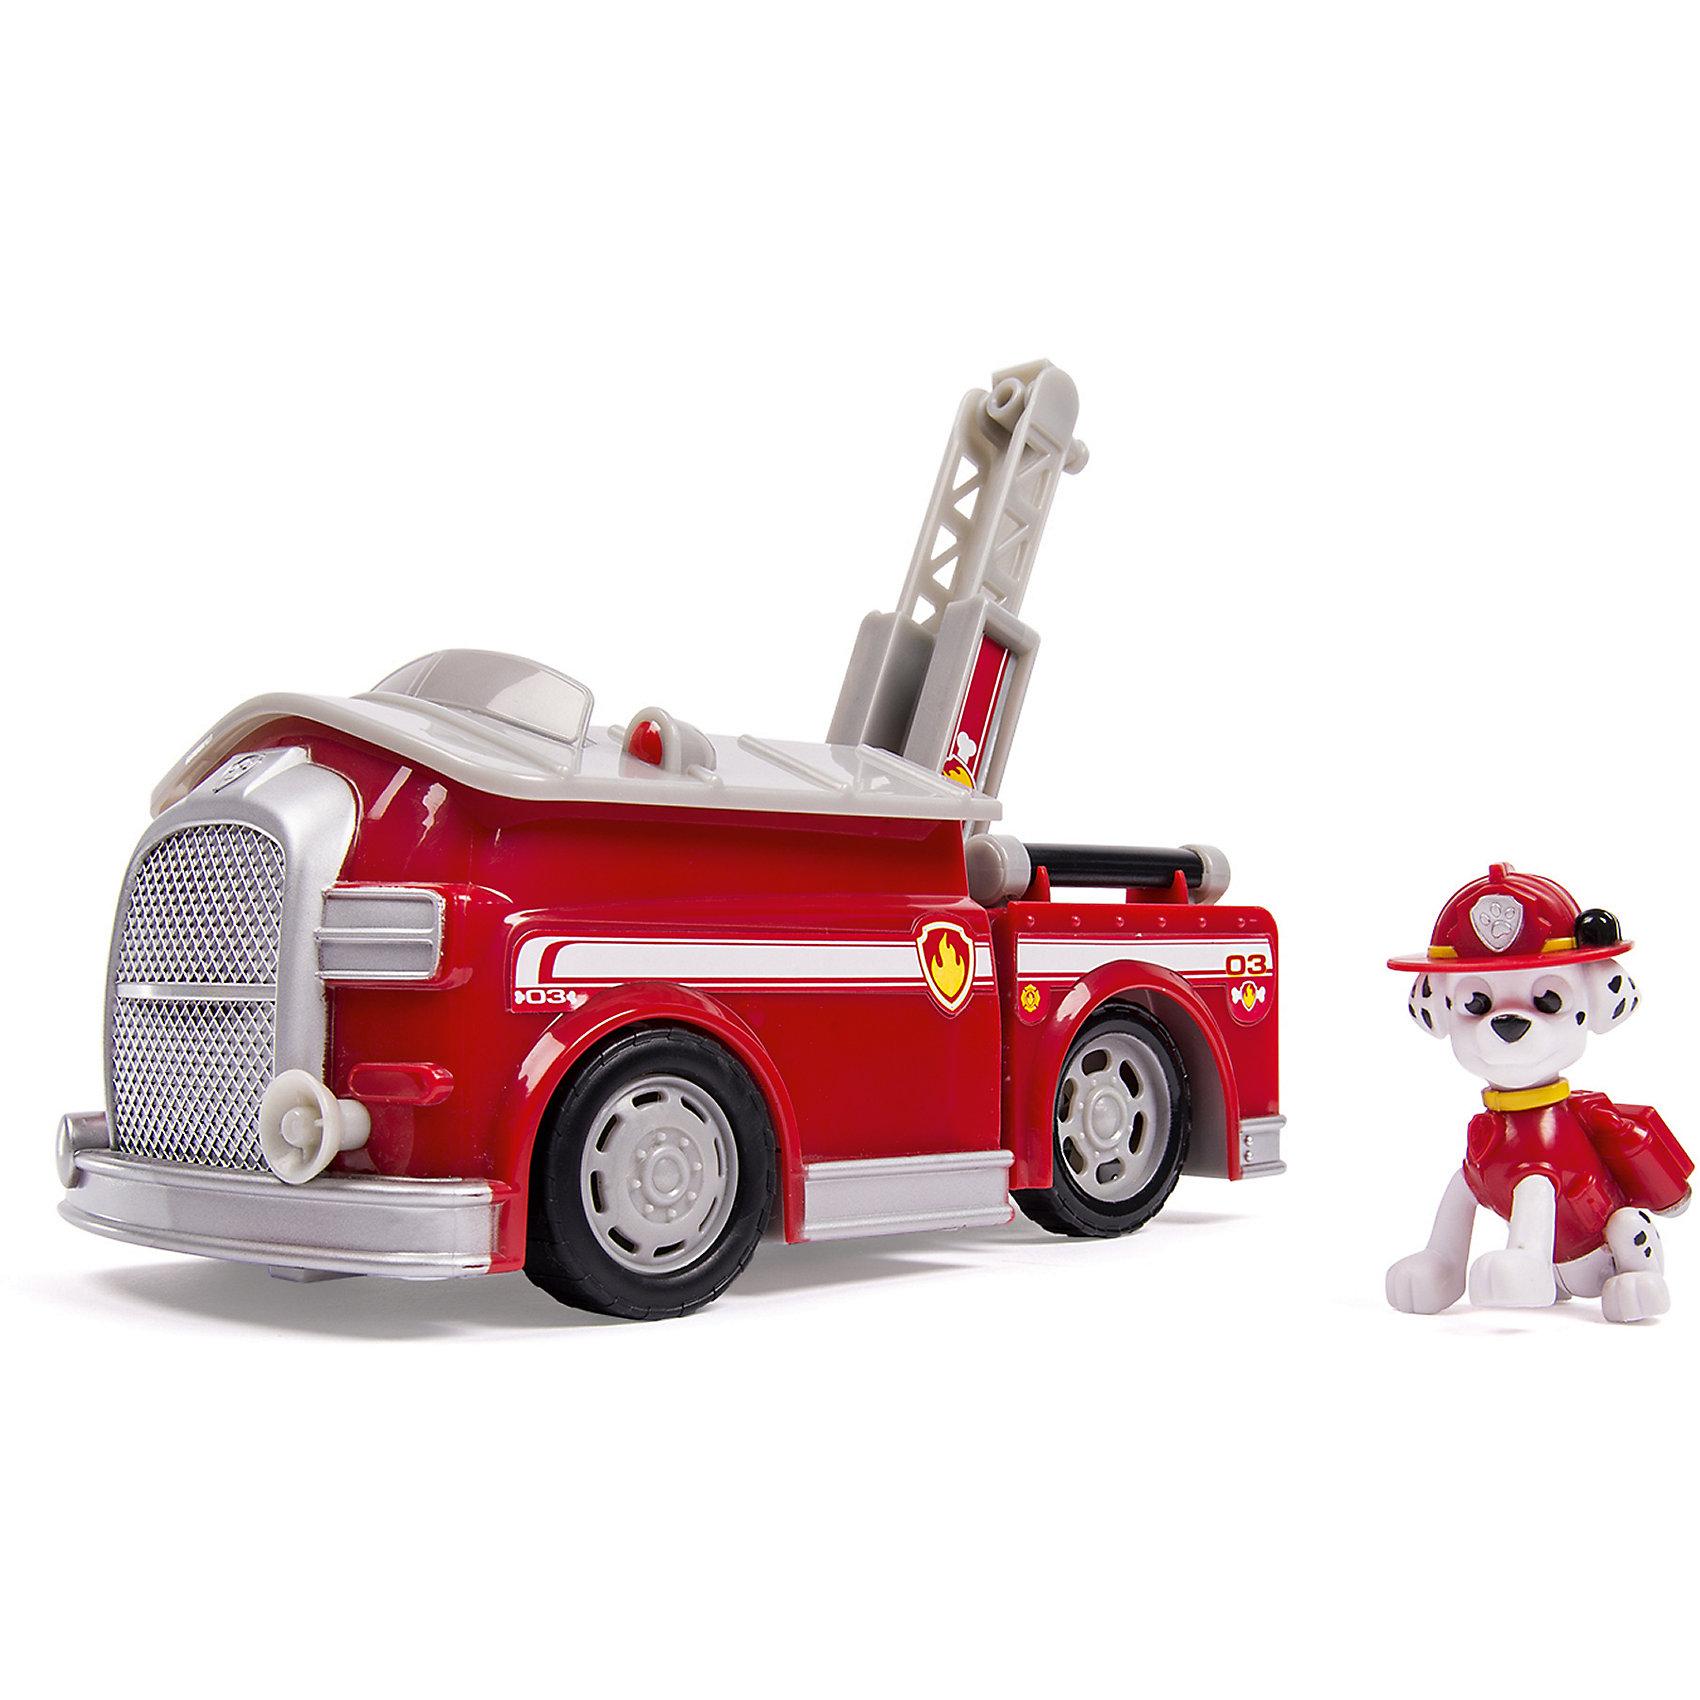 Большой автомобиль спасателя Маршал, со звуком, Щенячий патруль, Spin MasterНастоящая пожарная машина - копия машины из мультсериала Paw Patrol (Щенячий патруль), приведет в восторг любого ребенка! Отважный щенок Маршал, одетый в пожарную форму, всегда готов прийти на выручку. Стоит только включить сирену, как в мультфильме, выдвинуть пожарную лестницу и приключения начнутся! В остальное время машина служит уютным домиком для щенка. Играй вместе со спасателем Маршалом, проигрывай сцены из любимого мультсериала или придумывай свои новые истории. Игрушка прекрасно детализирована, выполнена из высококачественных прочных материалов, безопасна для детей. <br><br>Дополнительная информация:<br><br>- Размер: 13х30х25 см.<br>- Материал: пластик.<br>- Звуковые эффекты ( звуки и фразы).<br>- Комплектация: фигурка щенка, машина. <br>- Подвижные элементы машины - колеса, лестница. <br>- Машинка трансформируется в домик щенка.<br>- Голова и задние лапы щенка подвижны. <br>- Работает от 3 батареек LR44 / AG13. (в комплекте).<br><br>Большой автомобиль спасателей со звуком, Щенячий патруль, Spin Master (Спин Мастер) можно купить в нашем магазине.<br><br>Ширина мм: 130<br>Глубина мм: 305<br>Высота мм: 250<br>Вес г: 920<br>Возраст от месяцев: 36<br>Возраст до месяцев: 72<br>Пол: Мужской<br>Возраст: Детский<br>SKU: 4004740